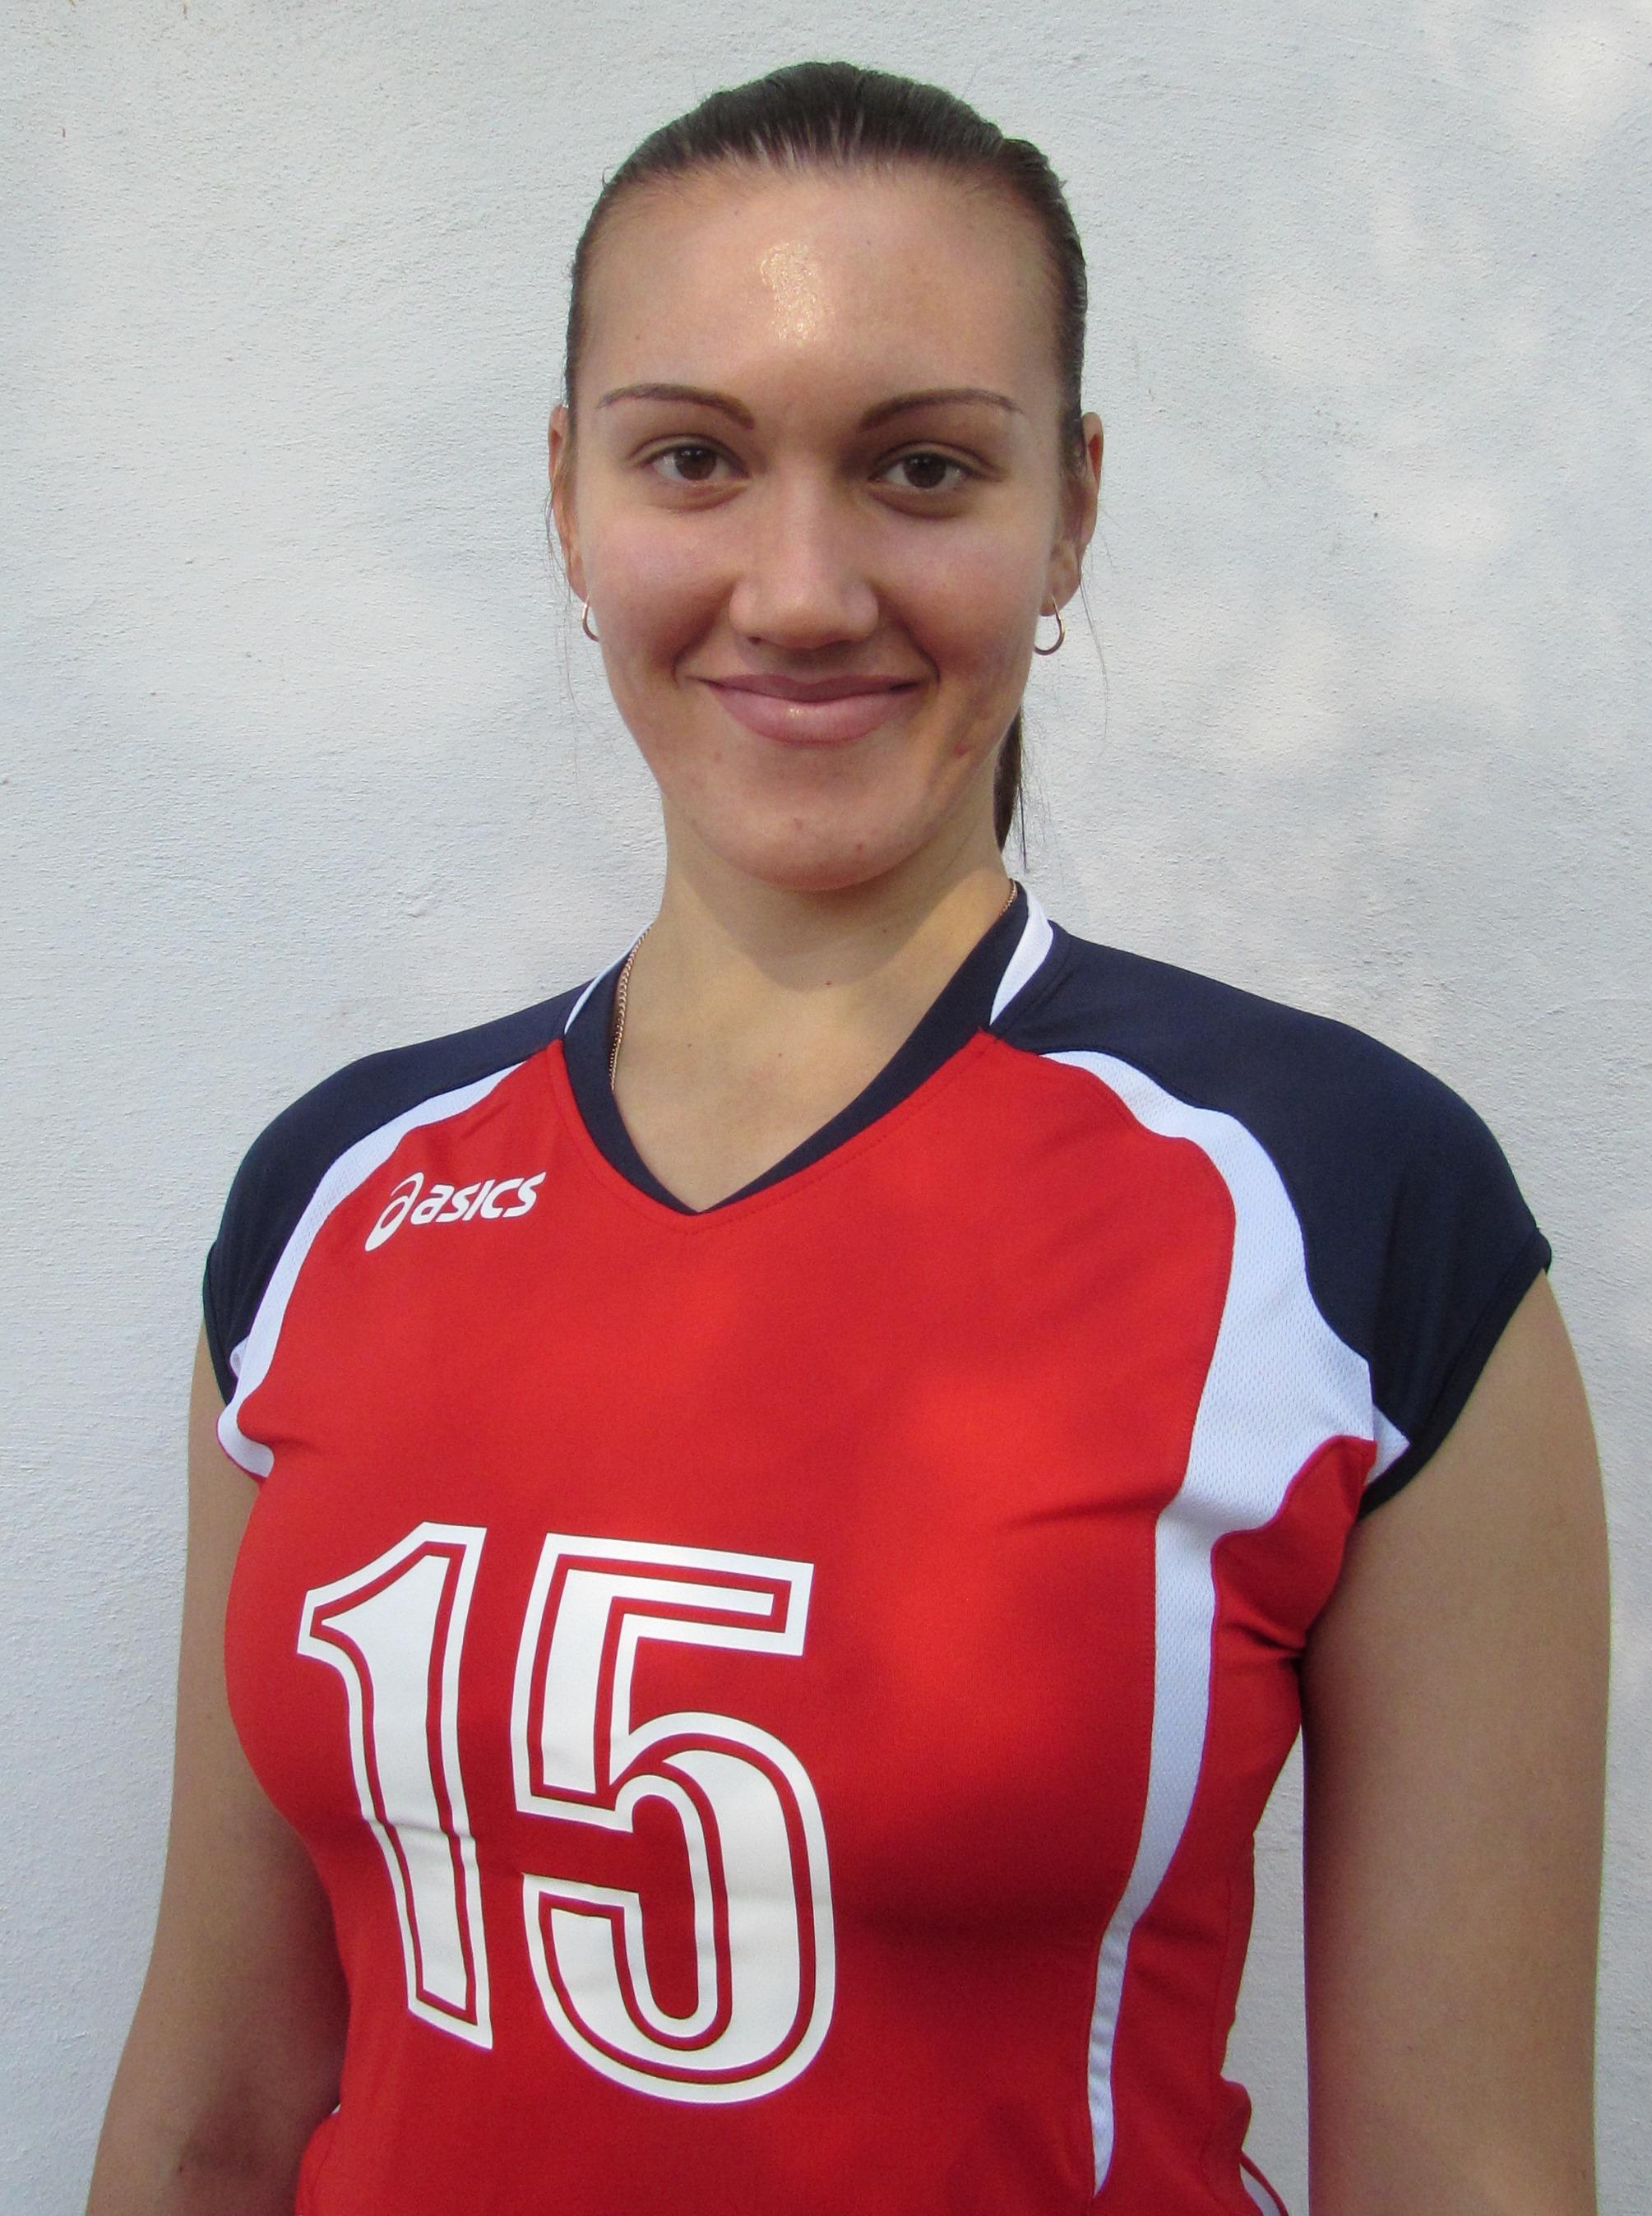 Evgeniia Ilina